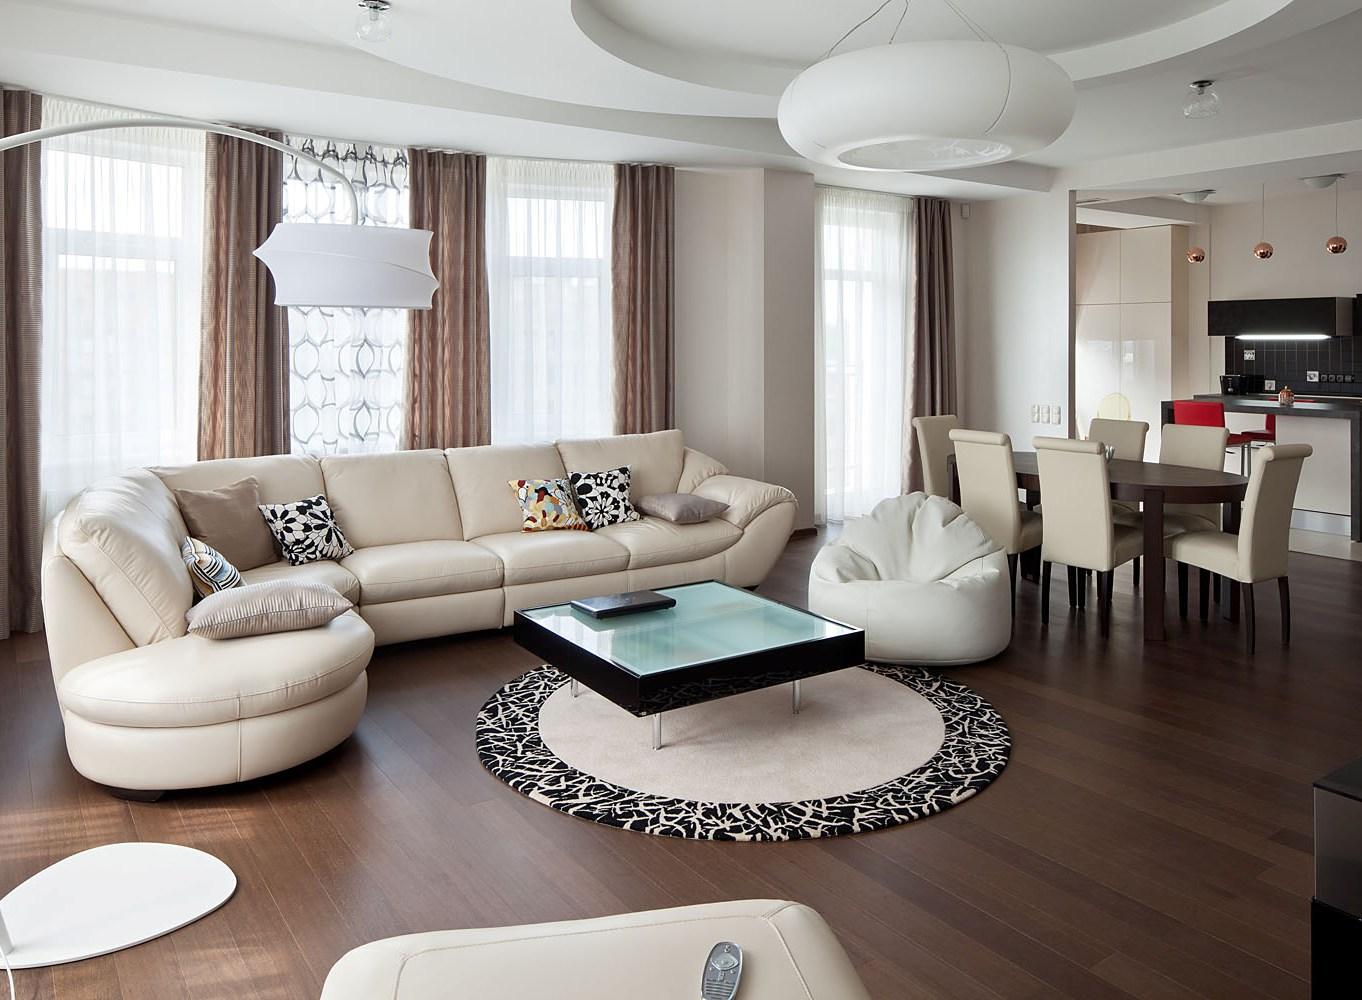 Інтер'єр квартири для великої родини